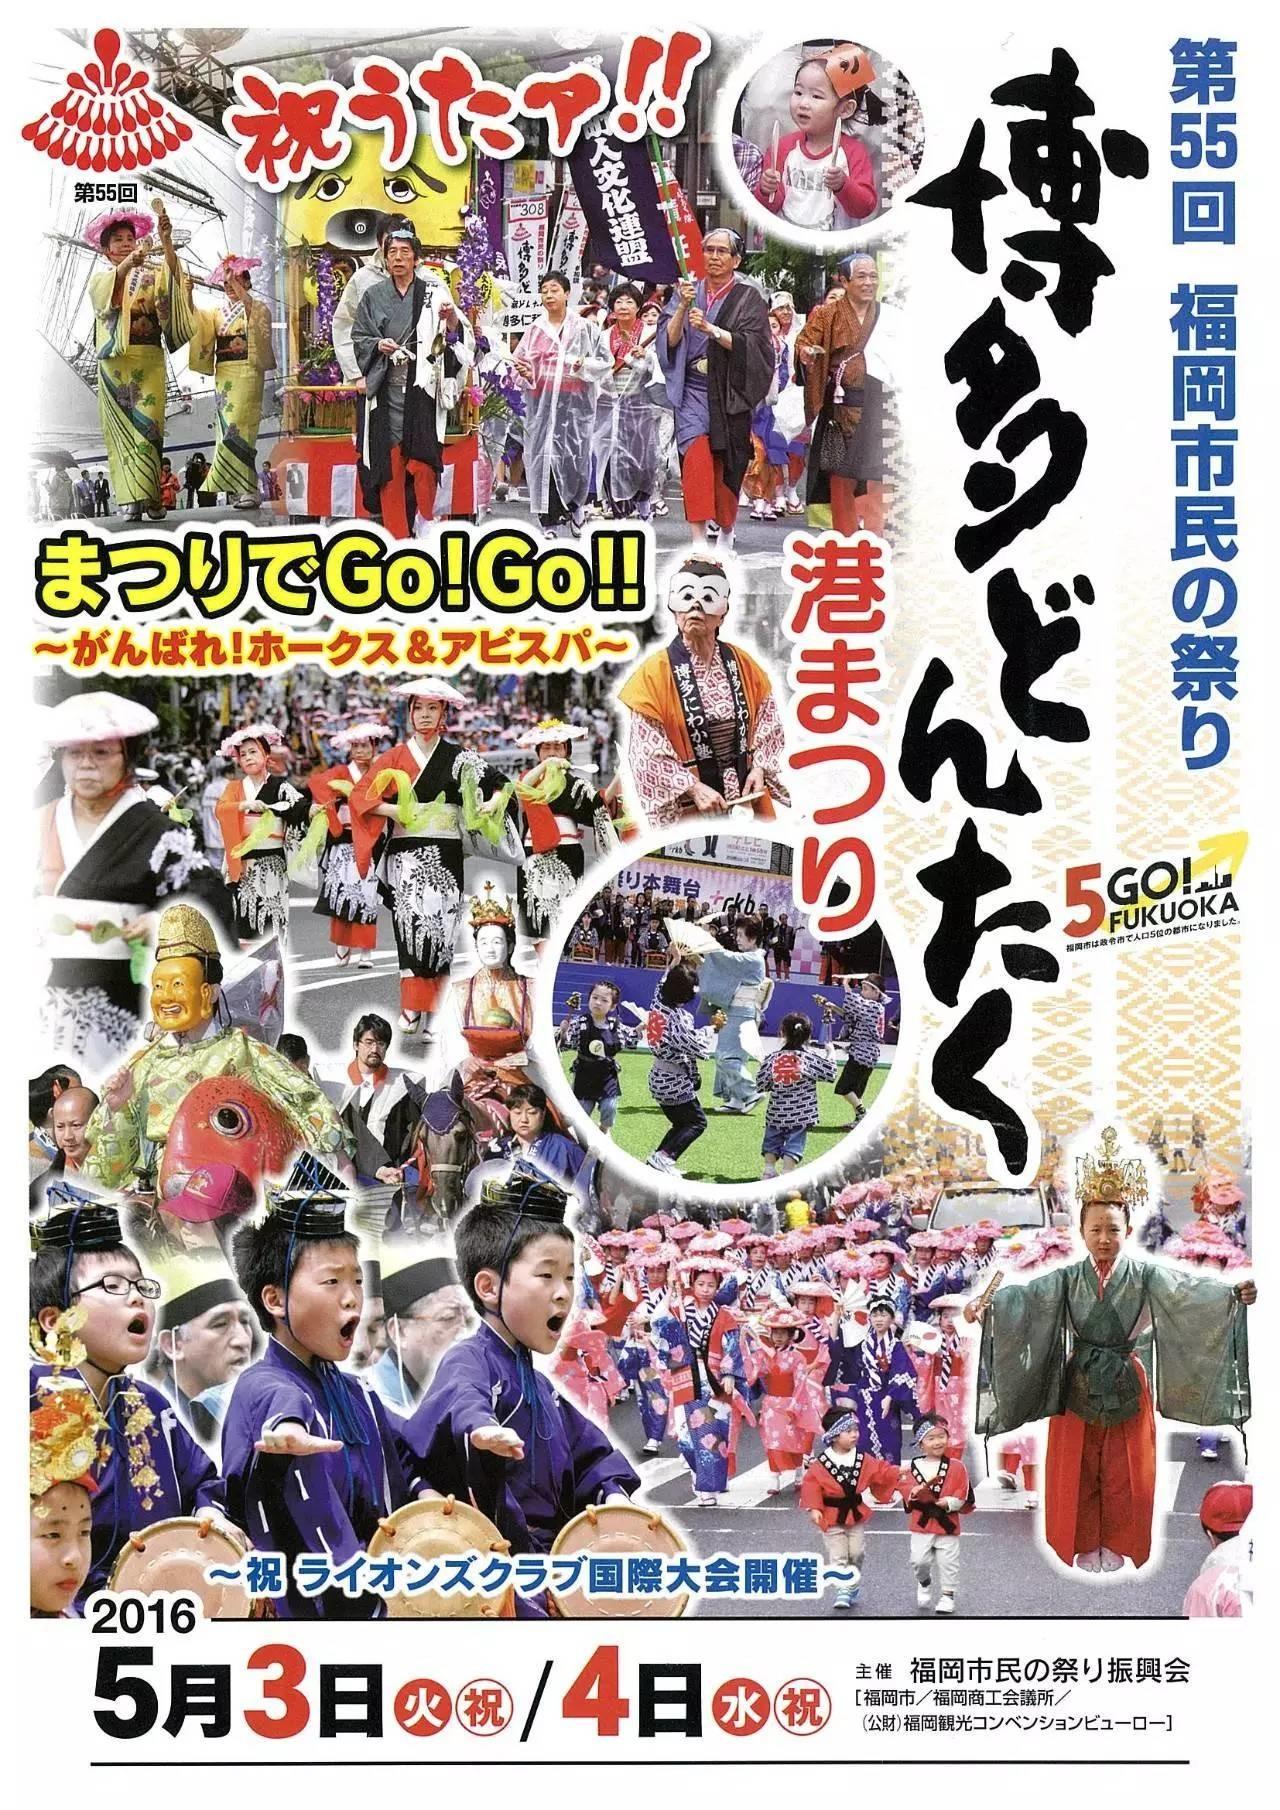 「5月3日-4日」日本福冈著名祭り【どんたく】攻略